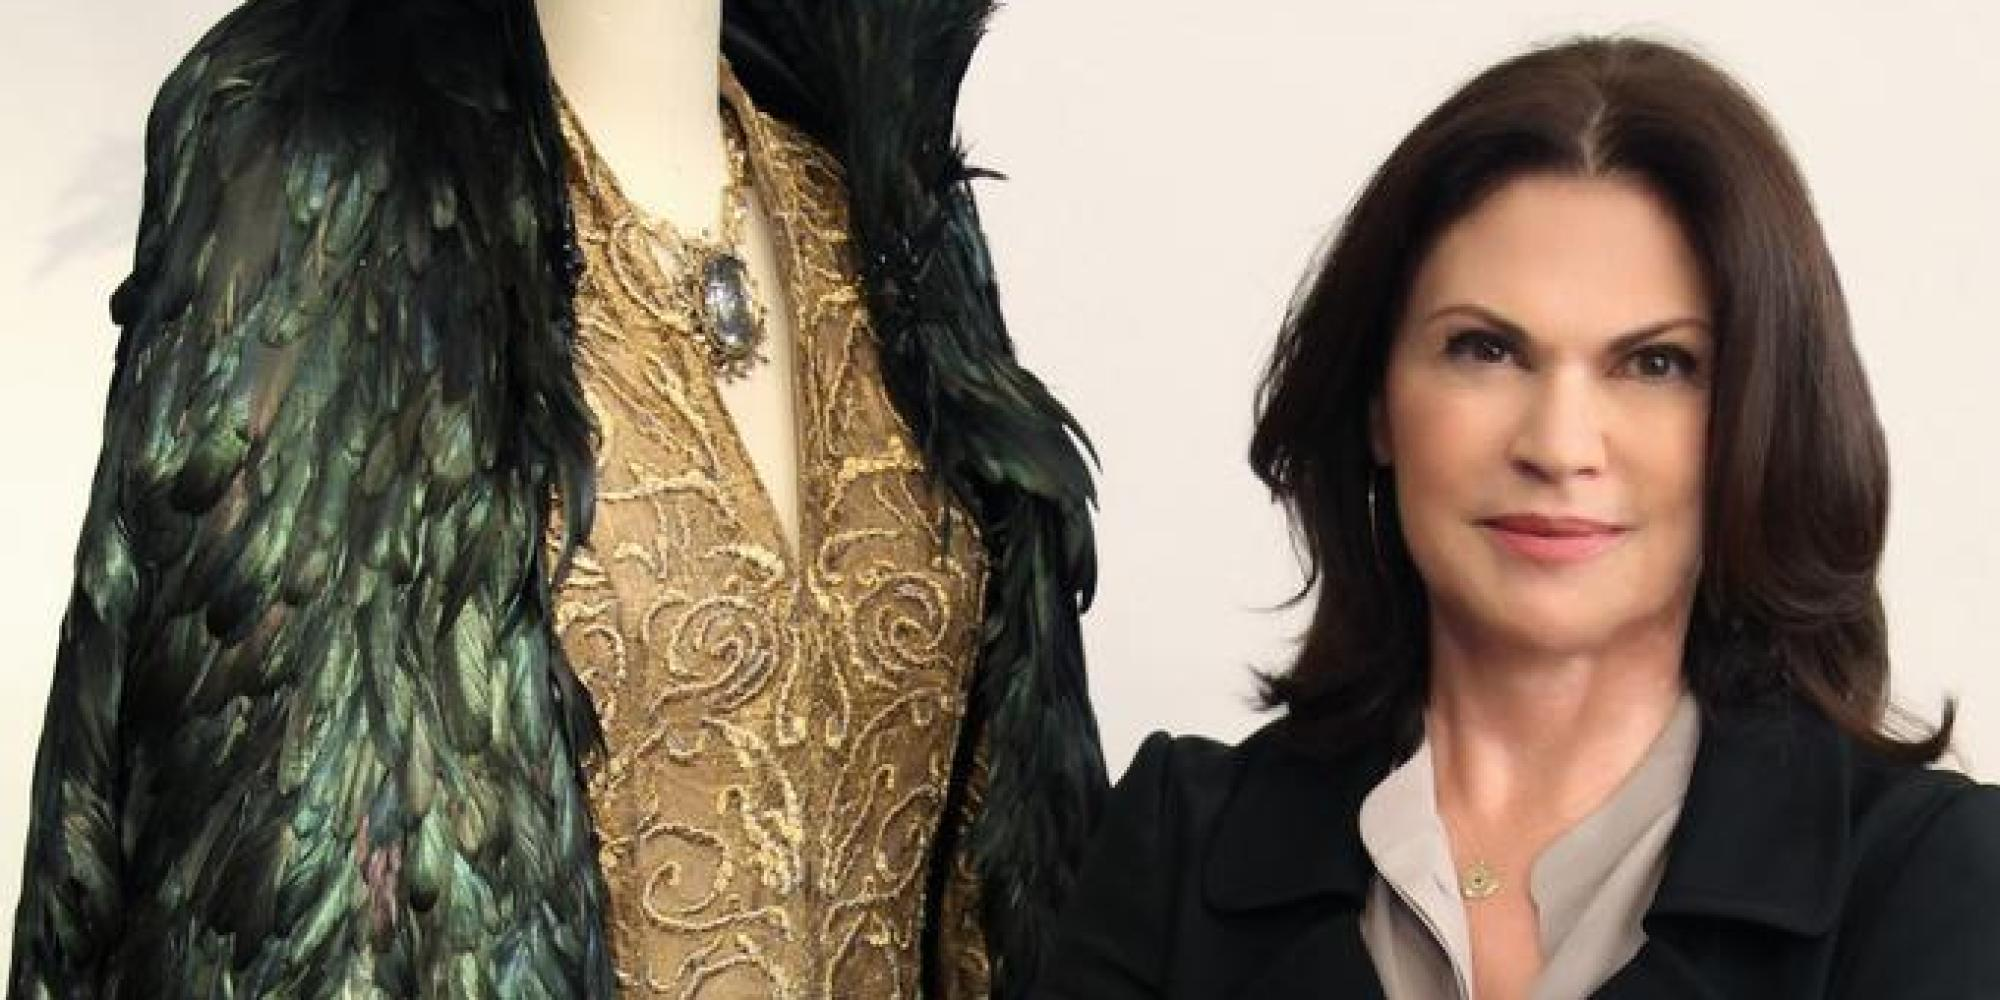 Jennifer lopez interview see thru - 2 part 6